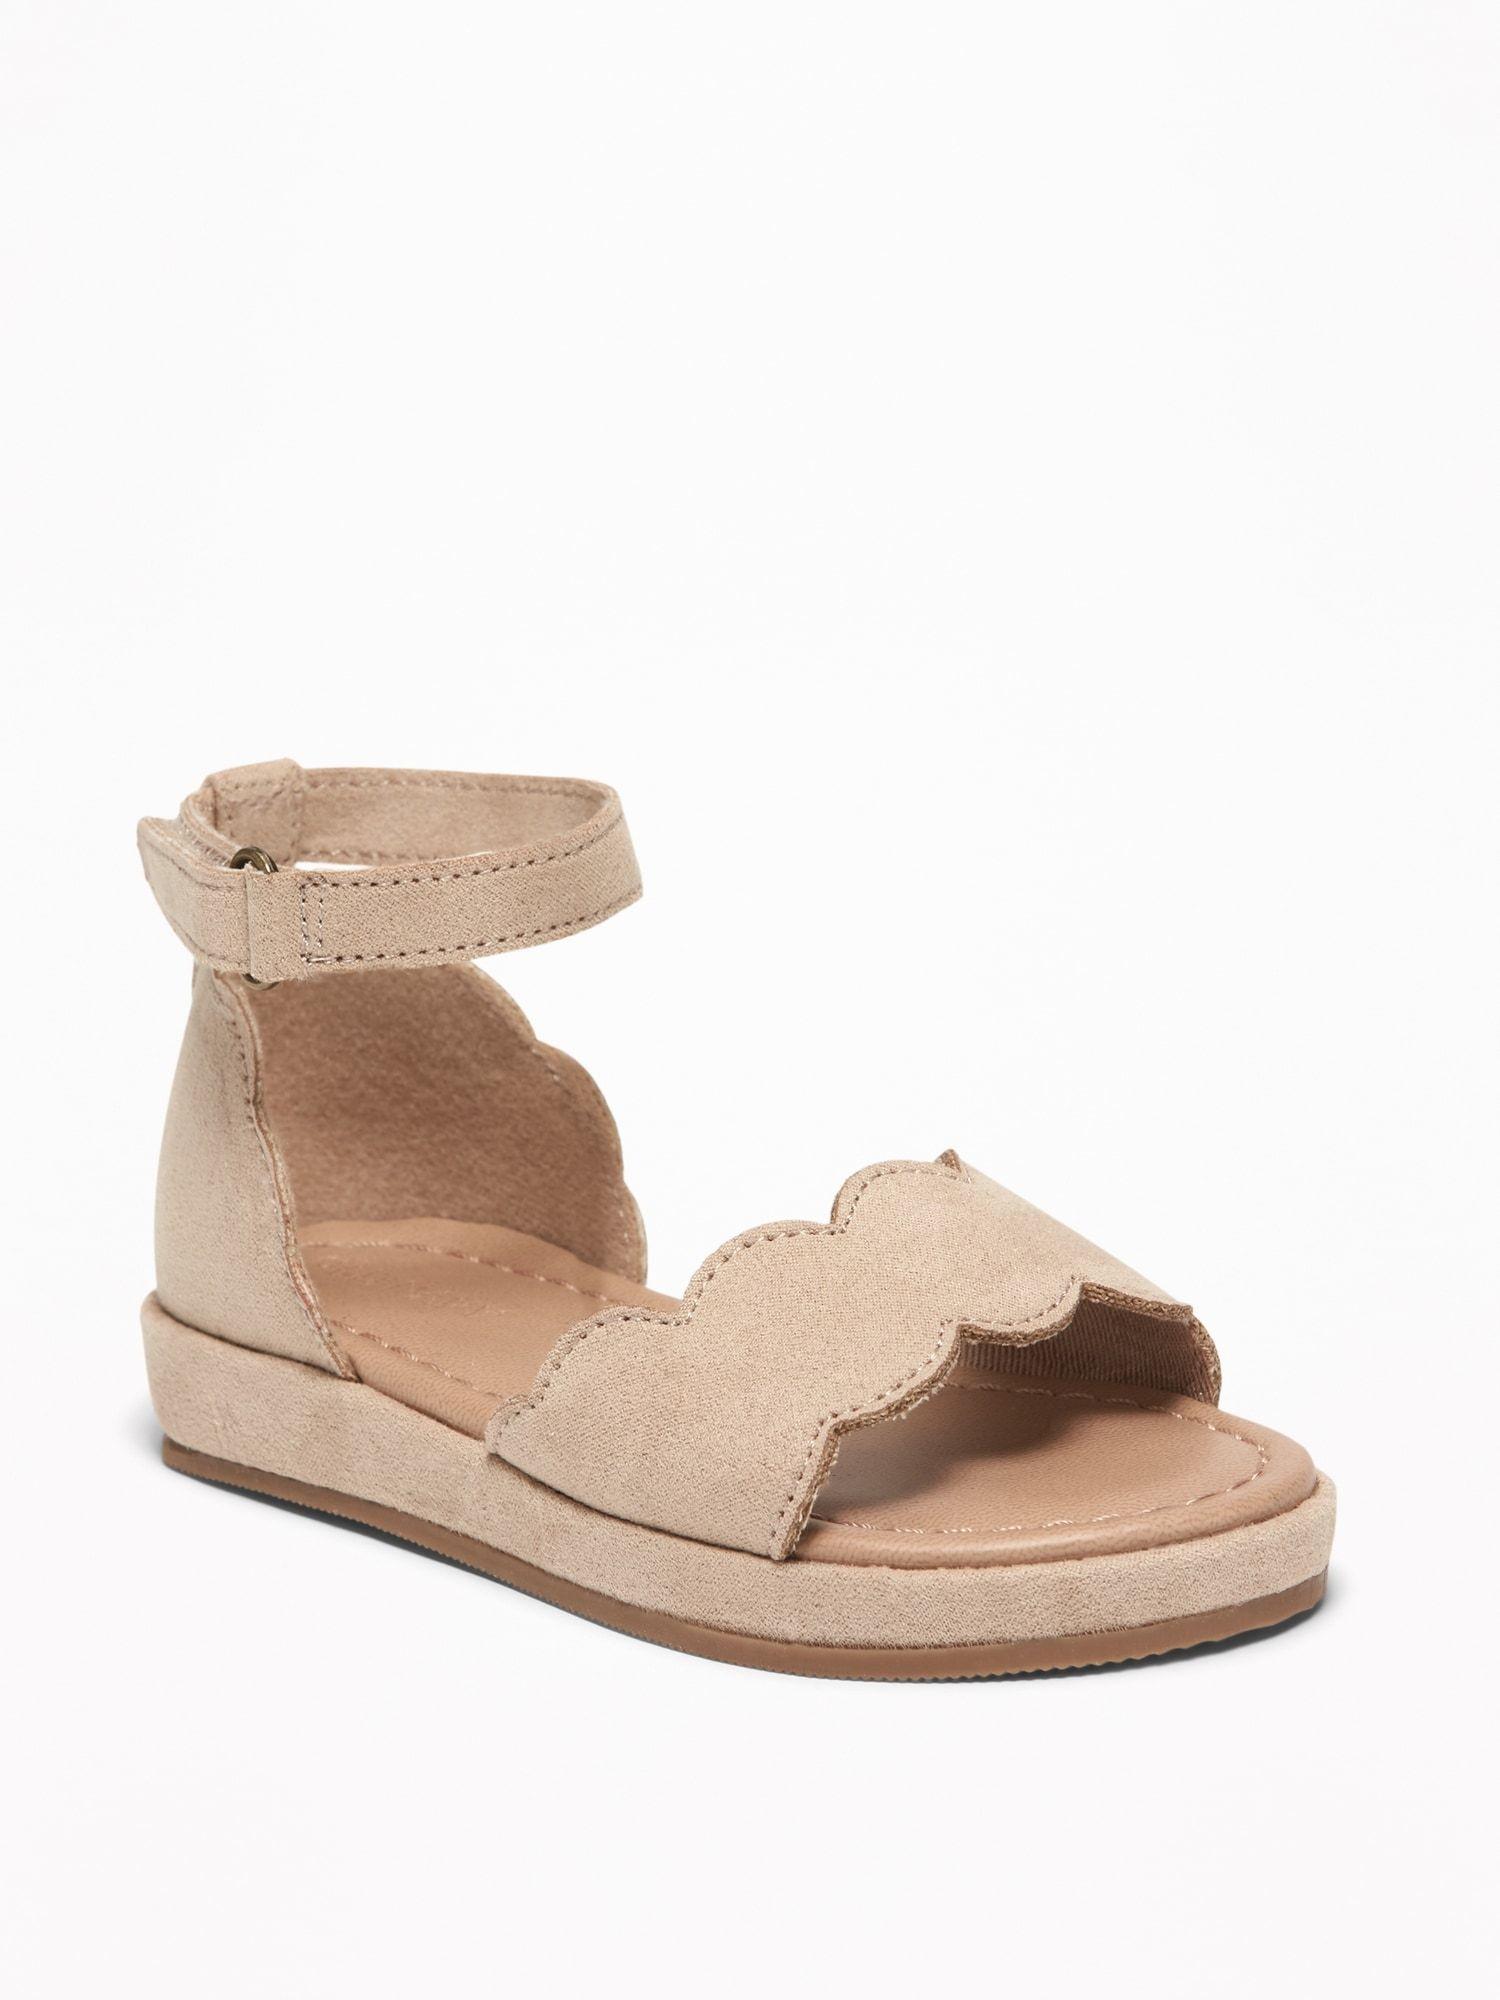 Sueded Platform Sandals For Toddler Girls Old Navy Little Girl Shoes Toddler Sandals Girl Girls Shoes Kids